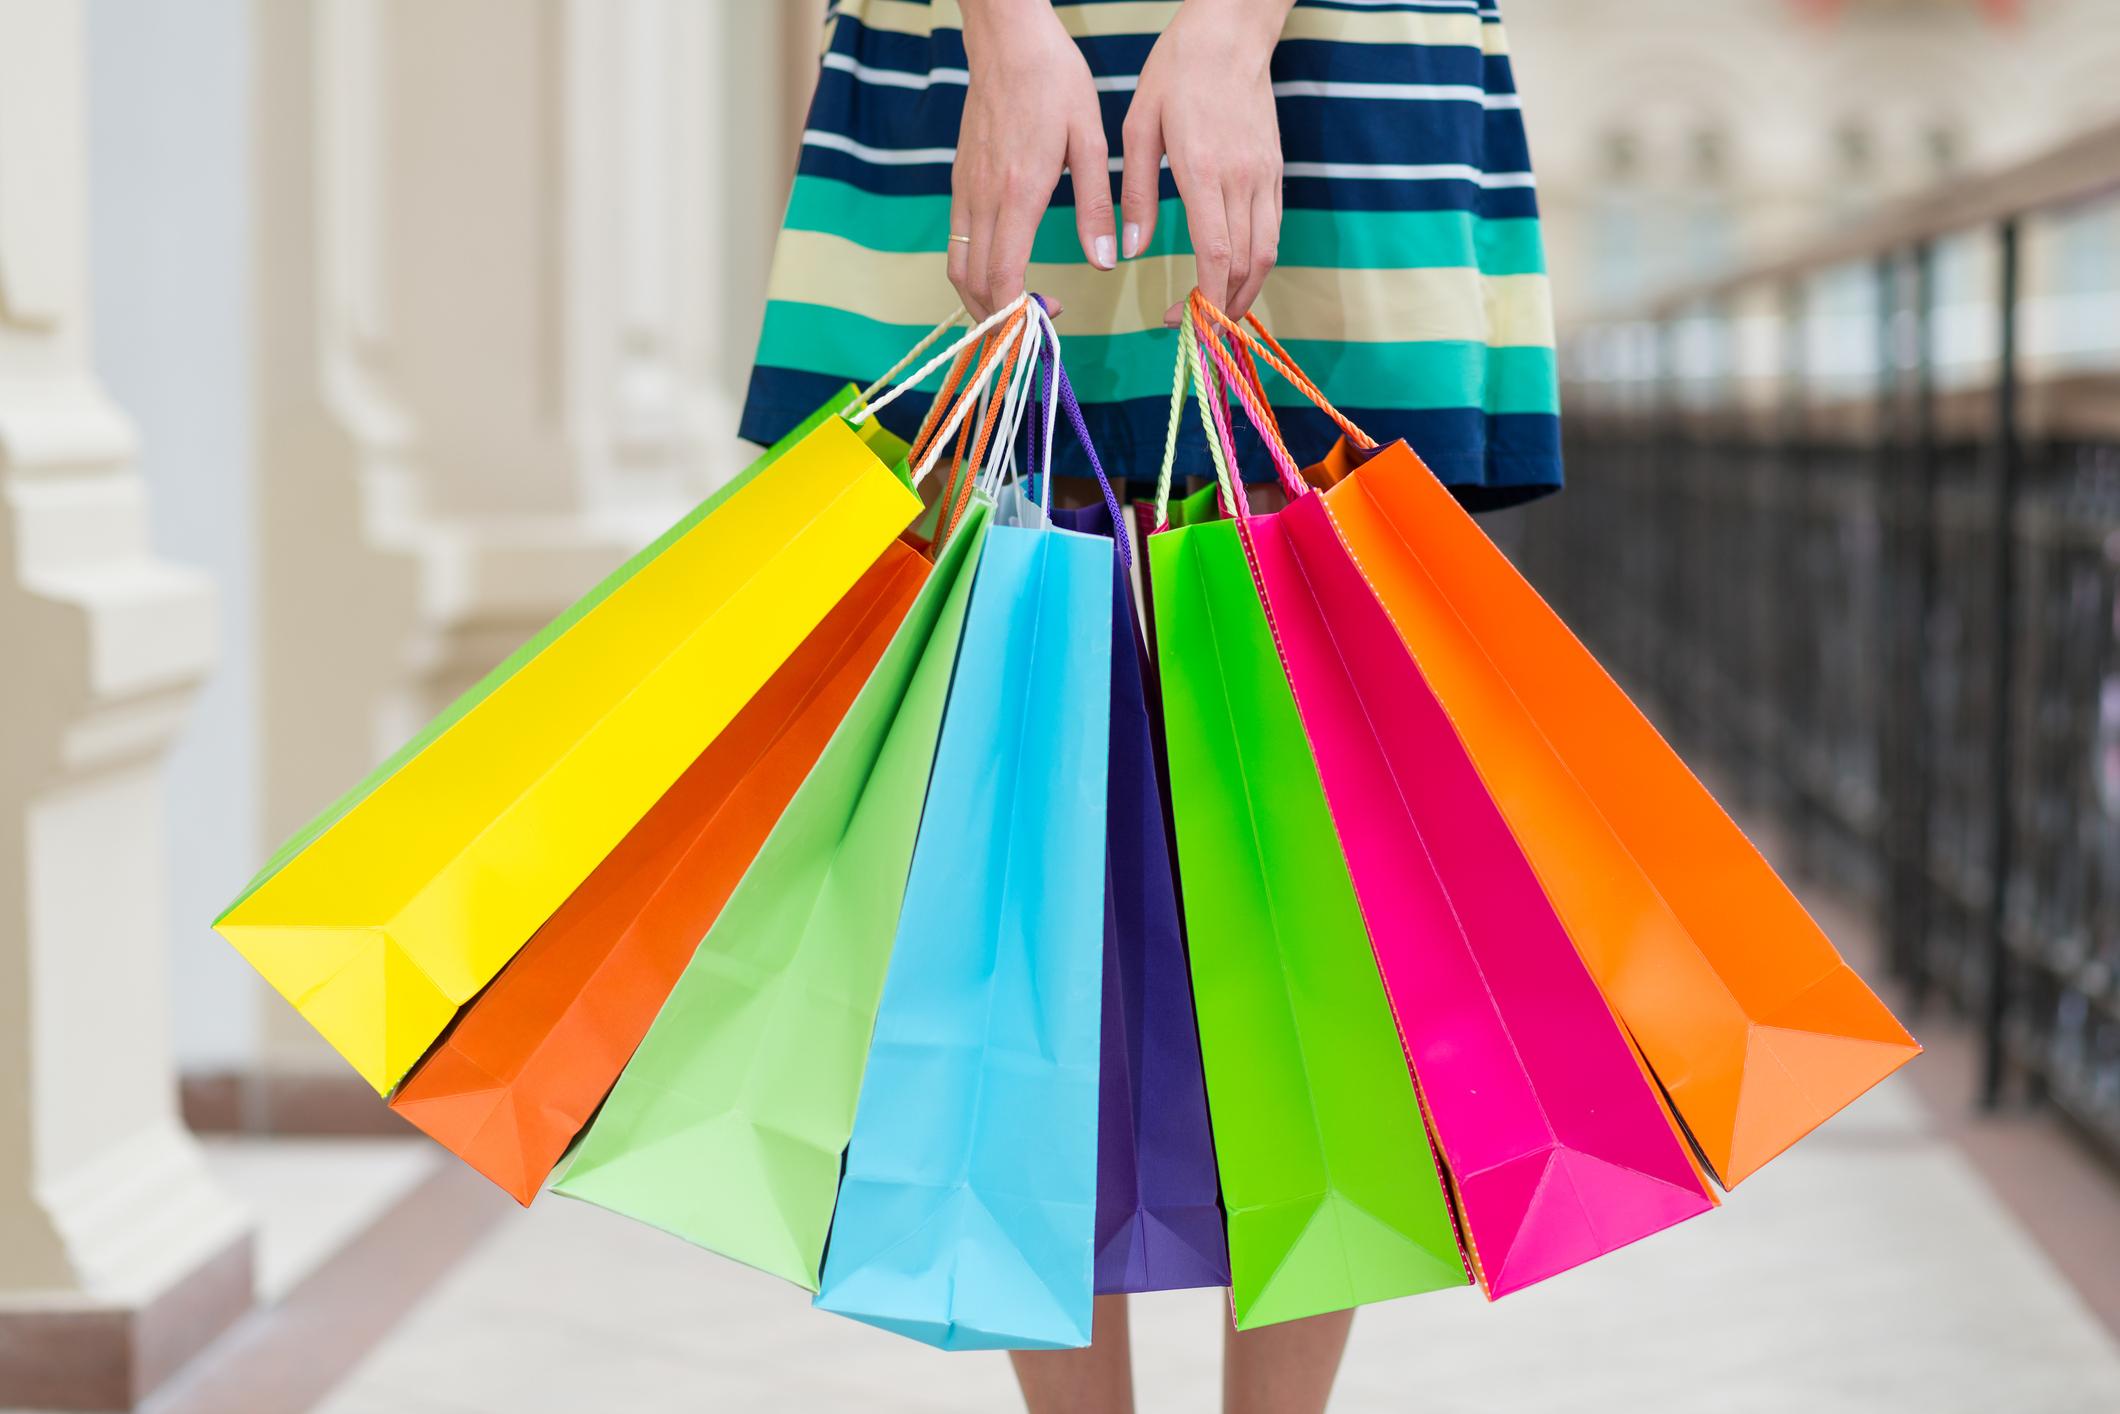 da7ca05ff 5 dicas para economizar na hora de comprar roupas - Economia